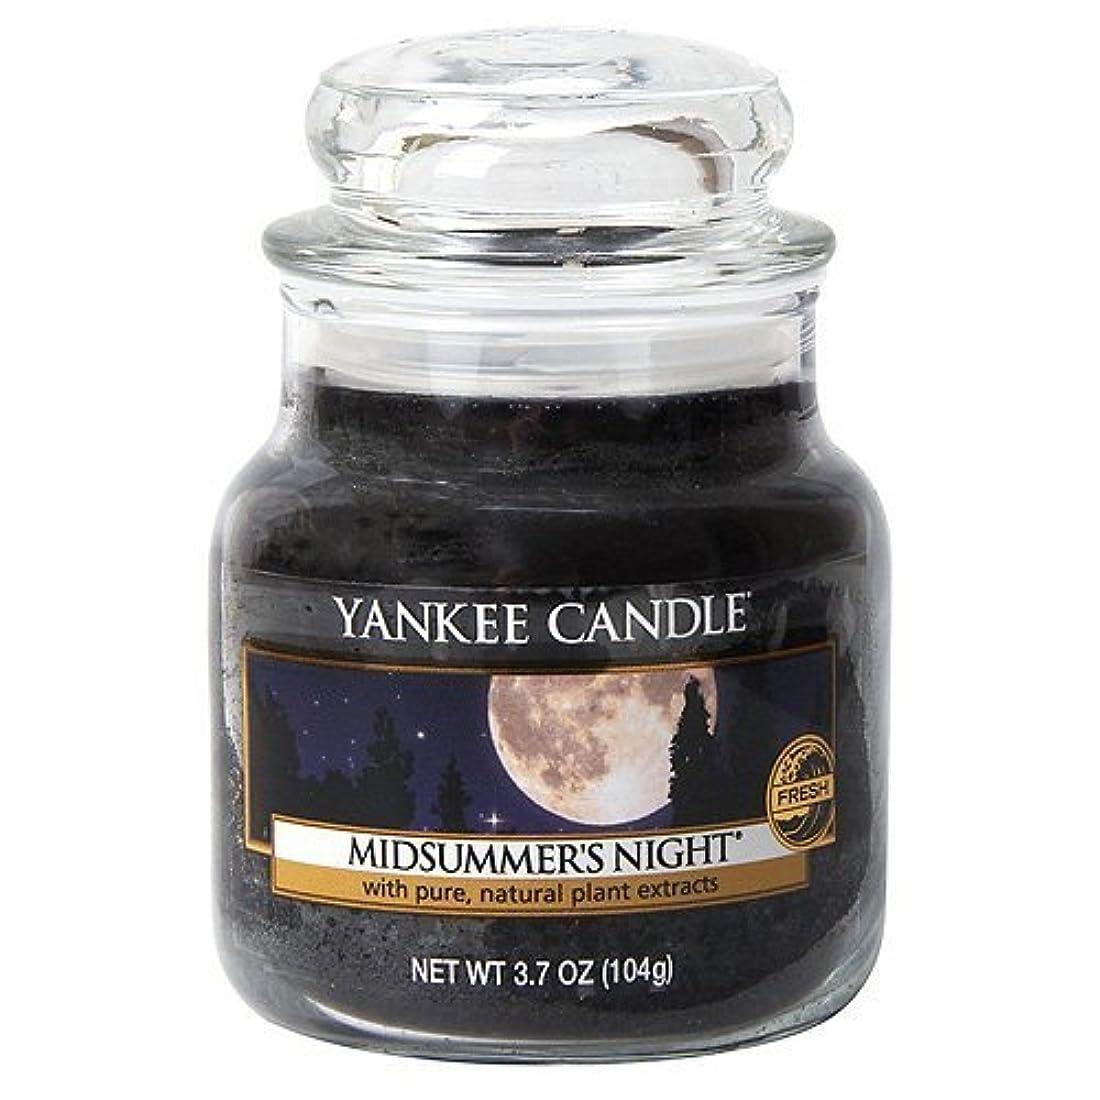 フロンティア増強邪悪なYankee Candle Midsummer's Night Small Jar Candle, Fresh Scent by Yankee Candle [並行輸入品]